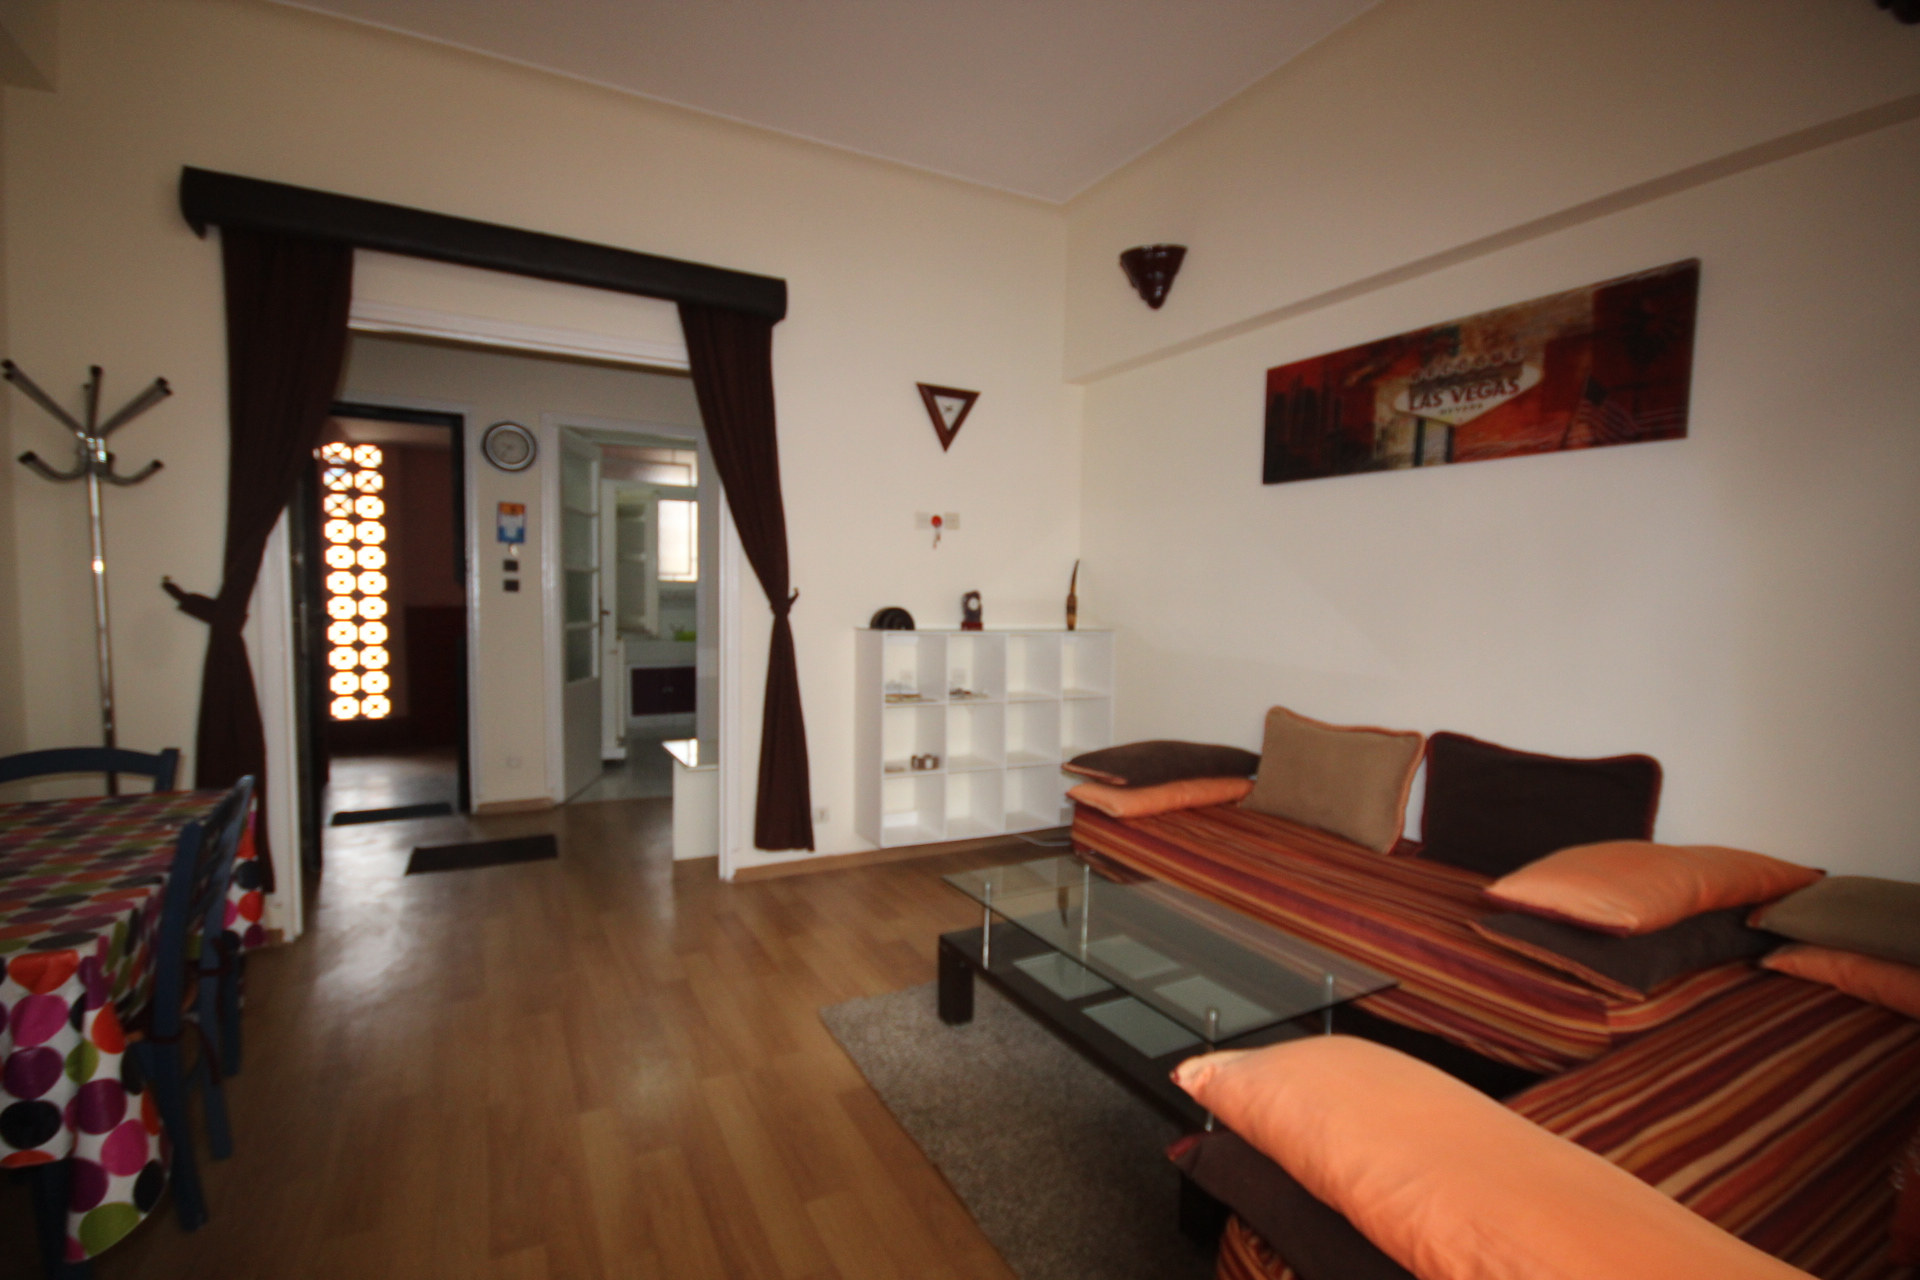 Maroc, Casablanca, rare, loue appartement lumineux Art Déco avec petite terrasse en parfait état